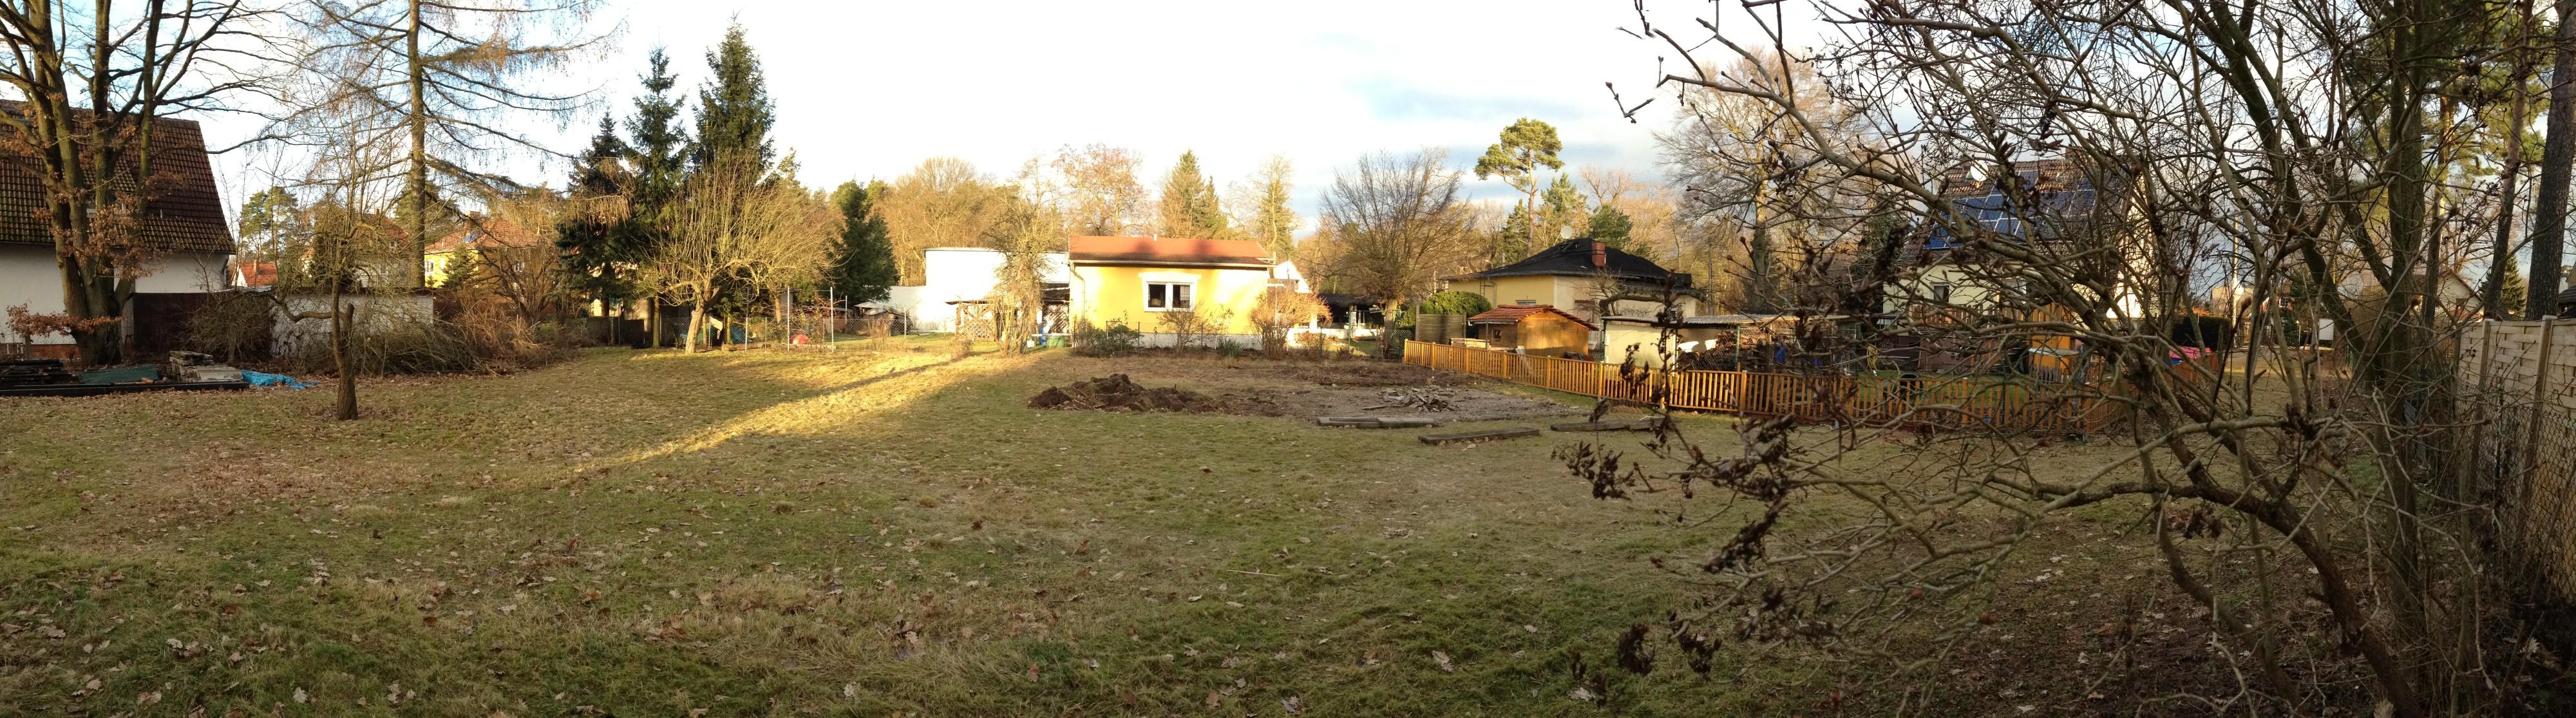 Grundstückspanorama